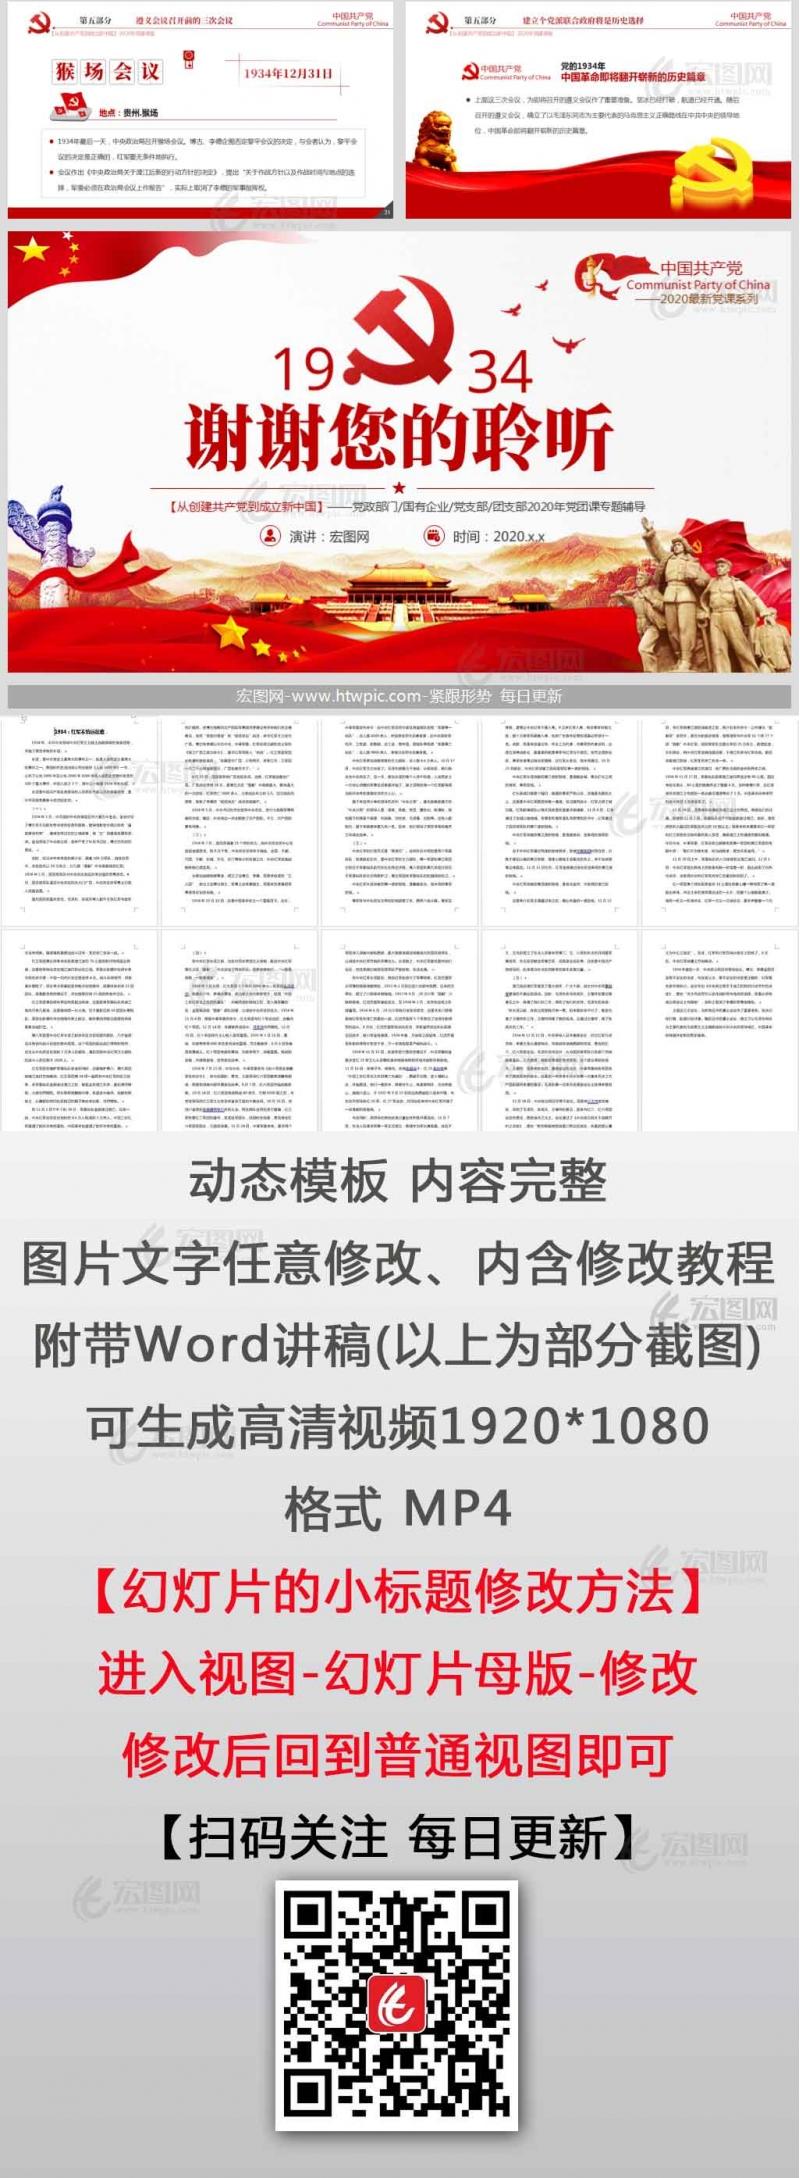 「党史国史PPT」2020年党团课专题1934红军不怕远征难党课讲稿PPT